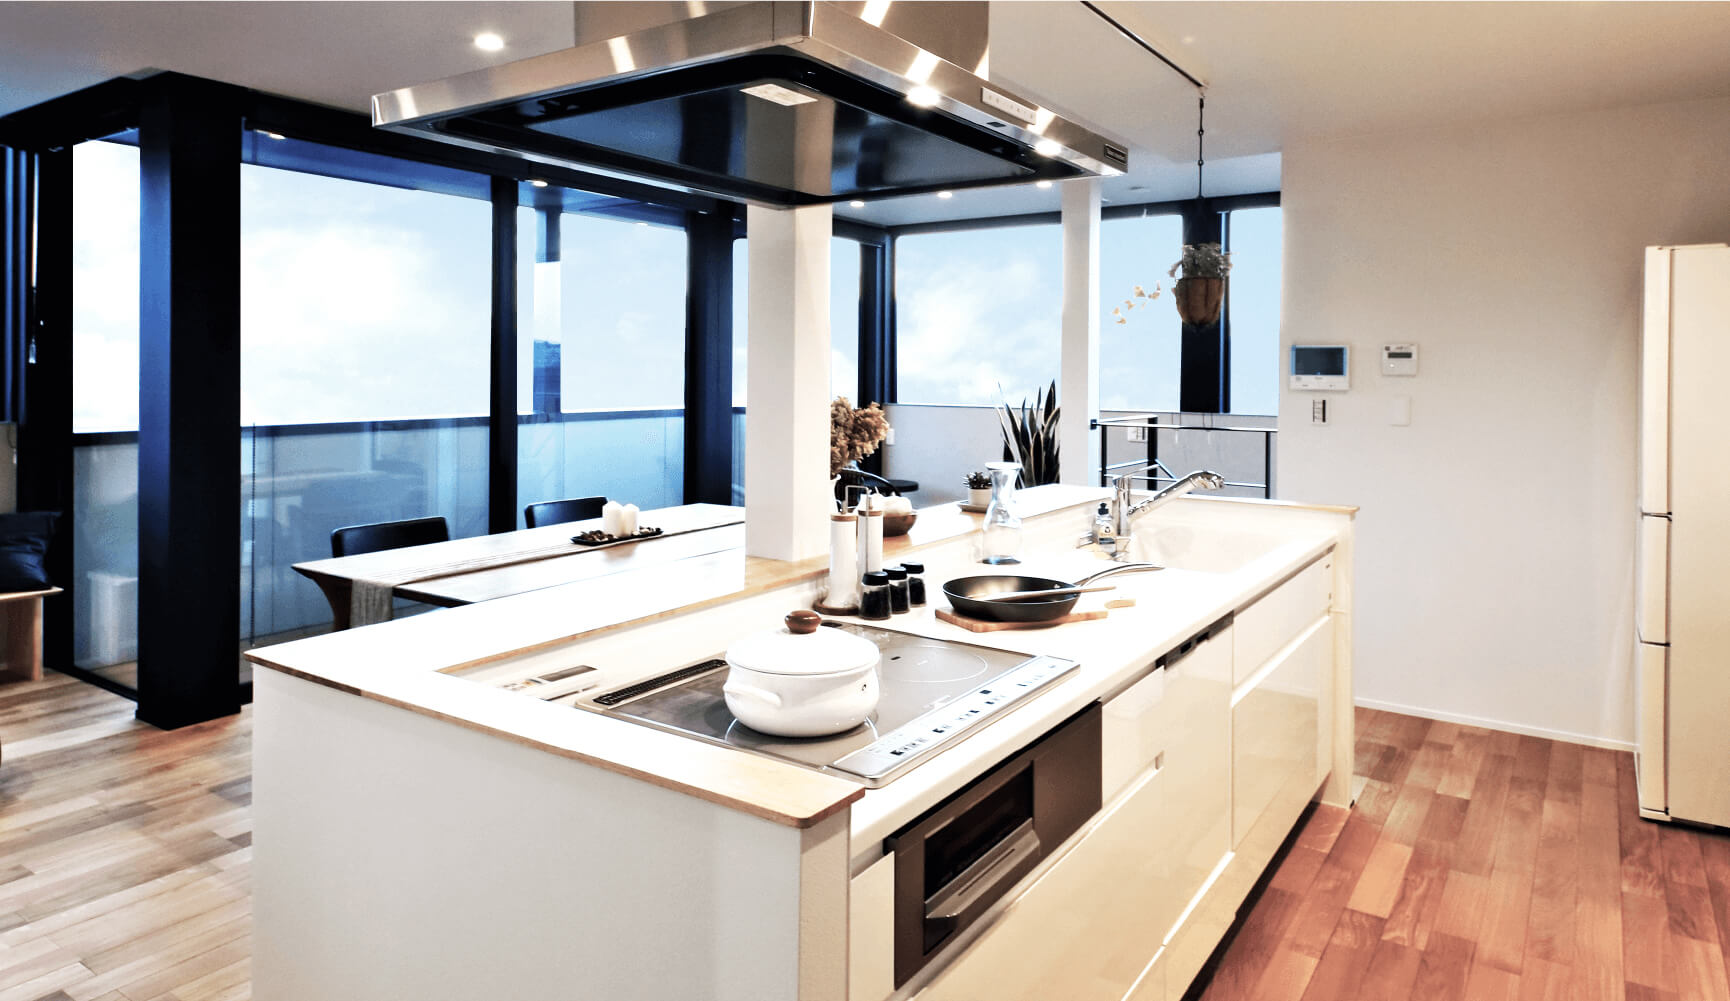 回遊動線を確保したアイランドキッチンは家事の時間の楽しみを演出します。